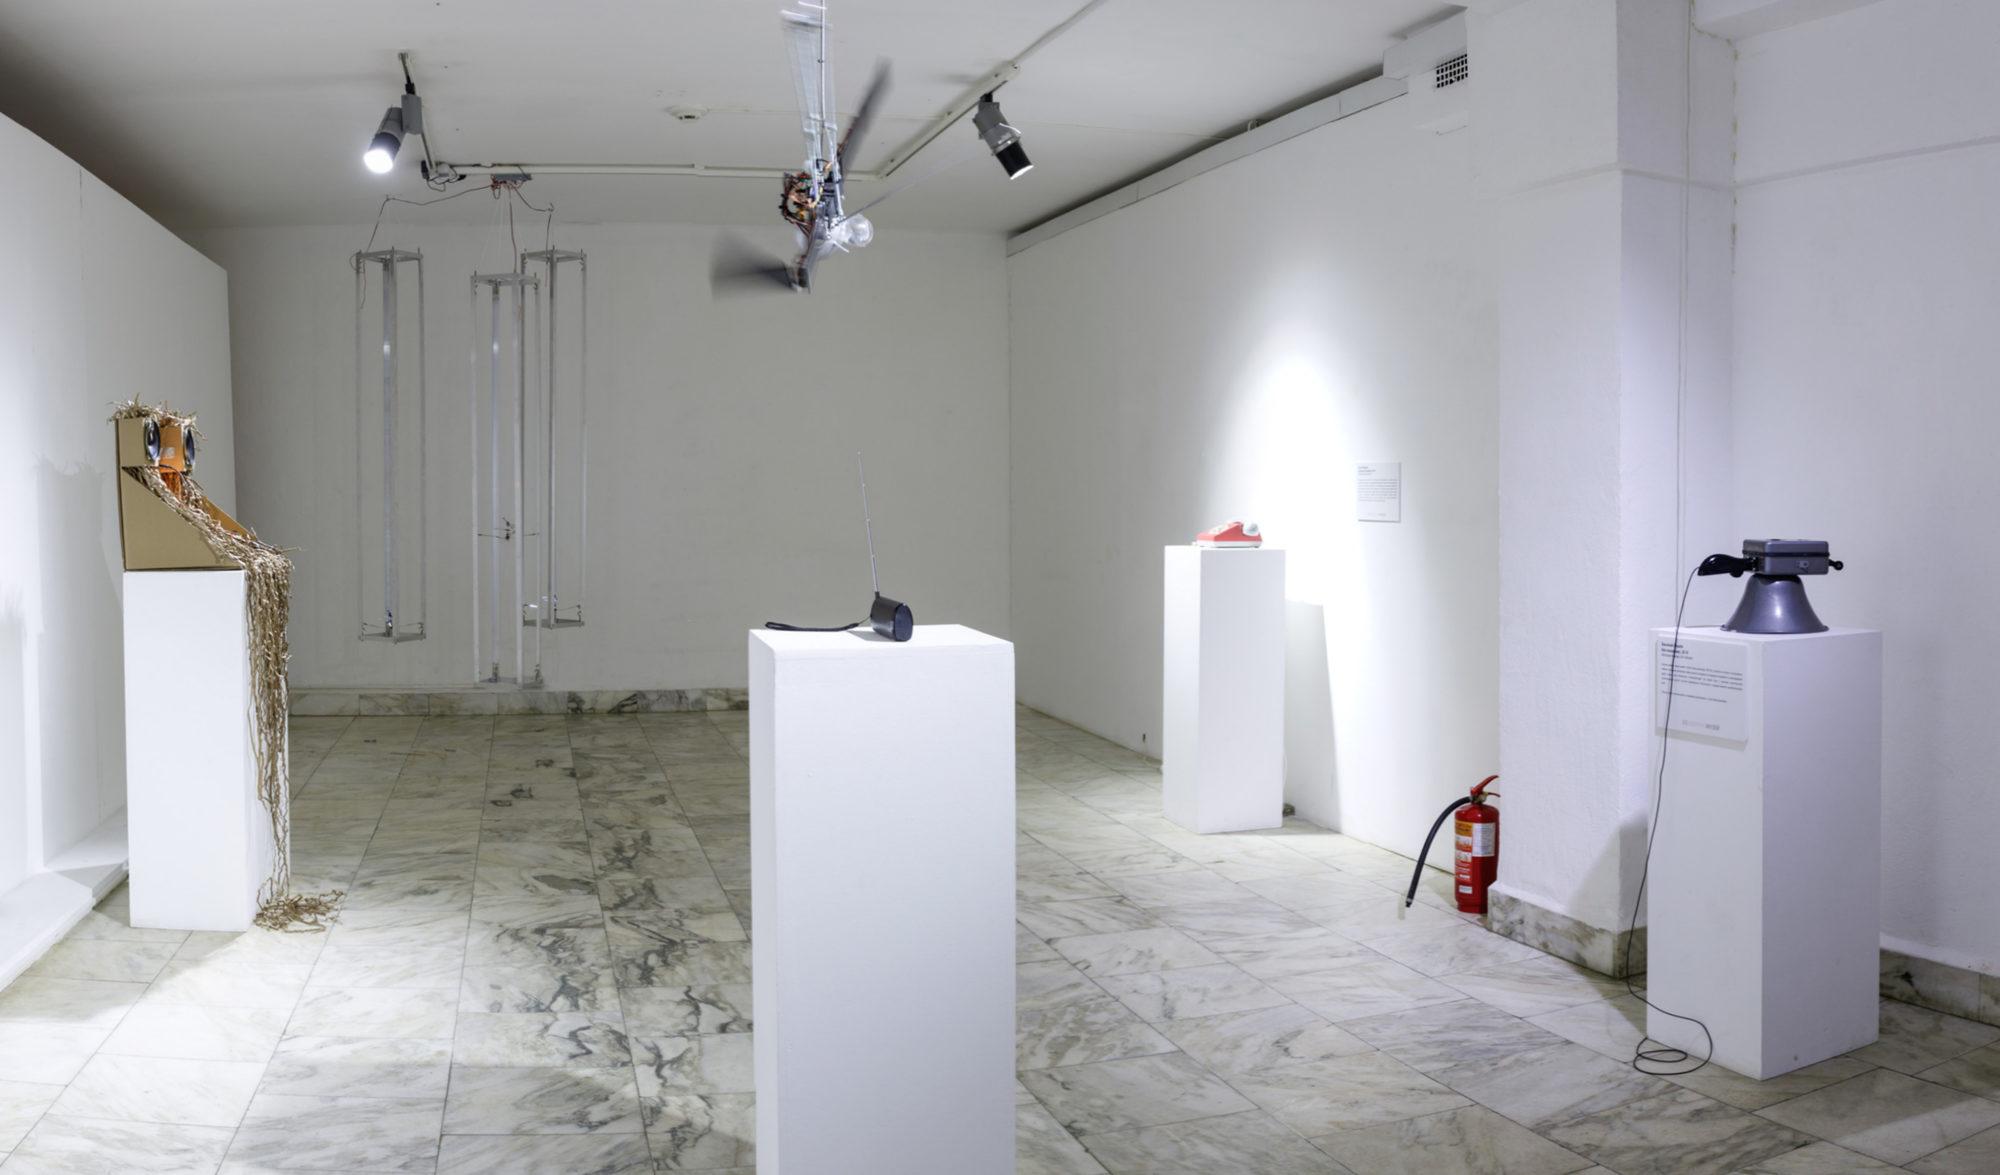 Выставка «Творческий метод» в галерее «Электромузей в Ростокино» – события на сайте «Московские Сезоны»